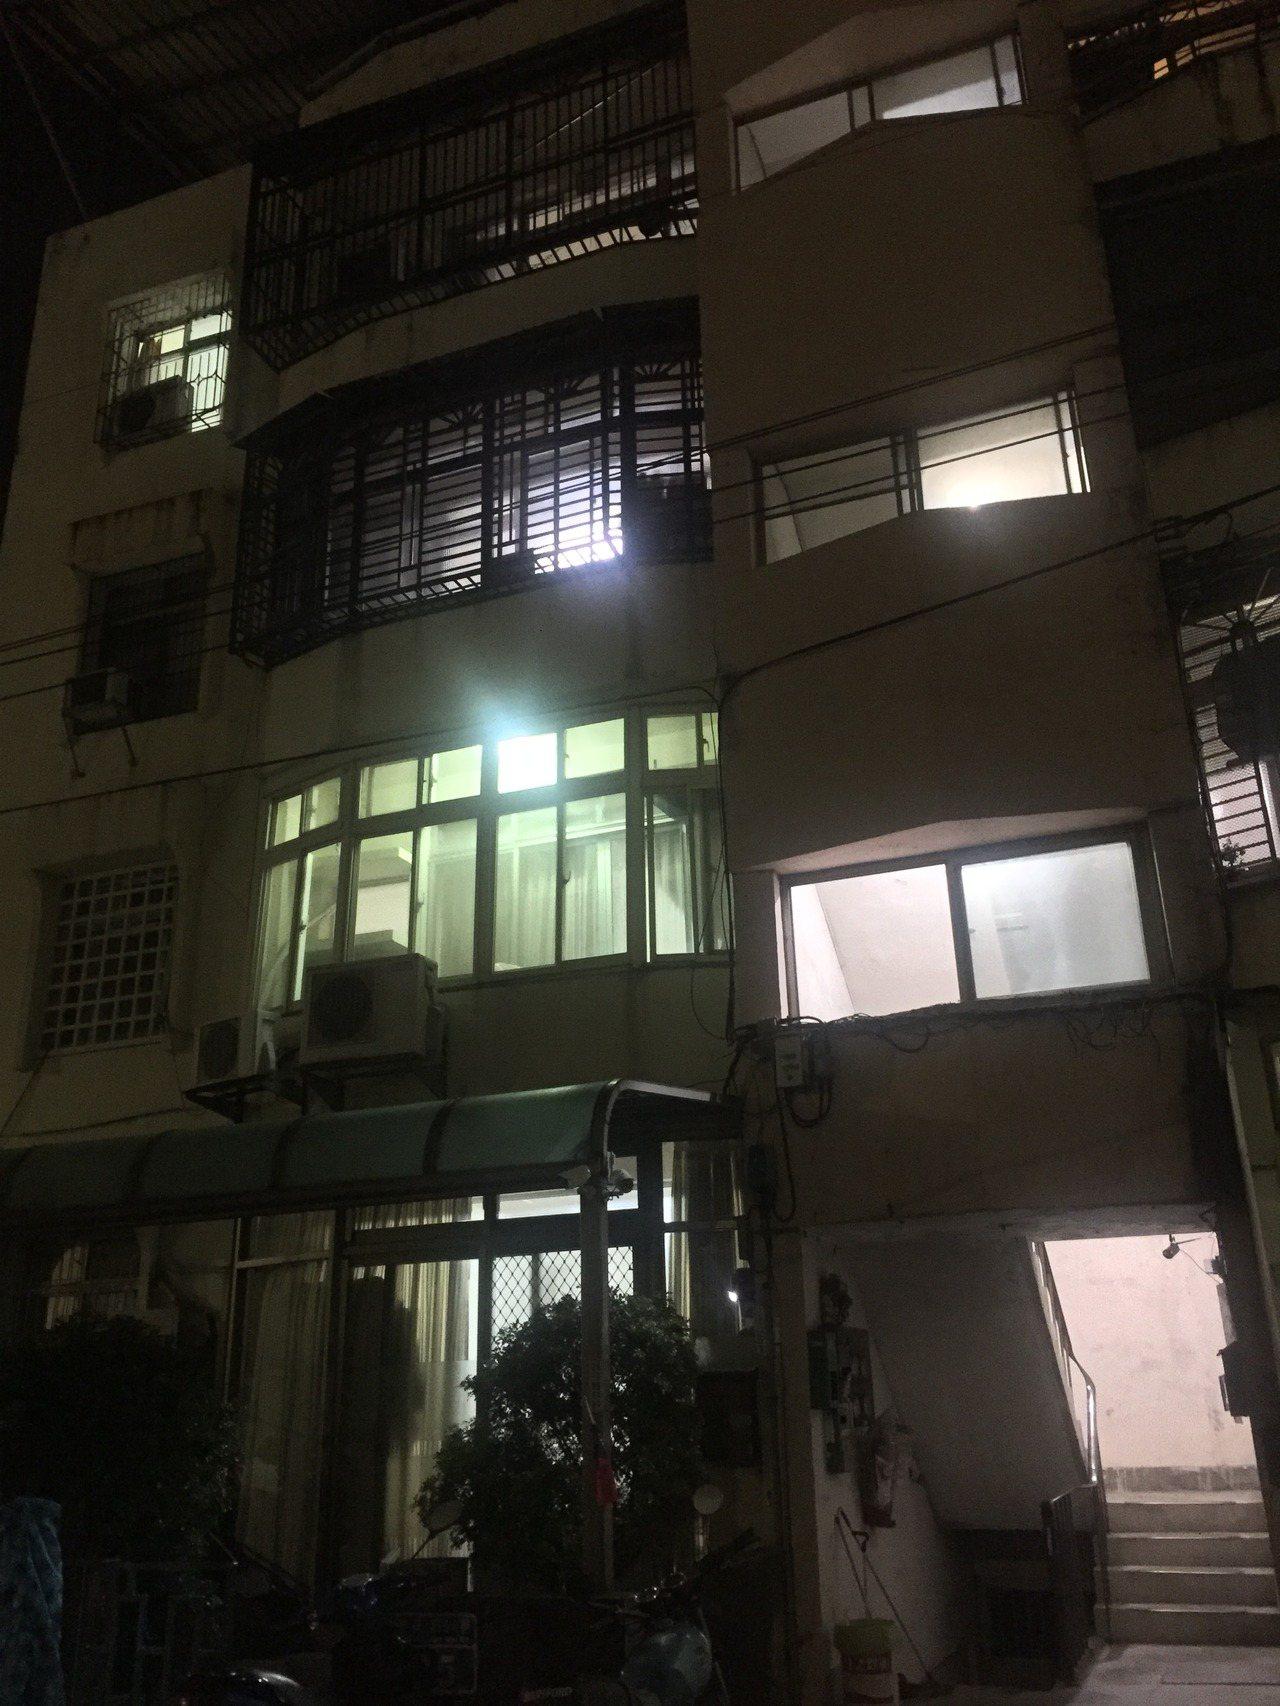 新竹市東區建美路公寓4樓發生一氧化碳中毒事件。記者郭宣彣/攝影